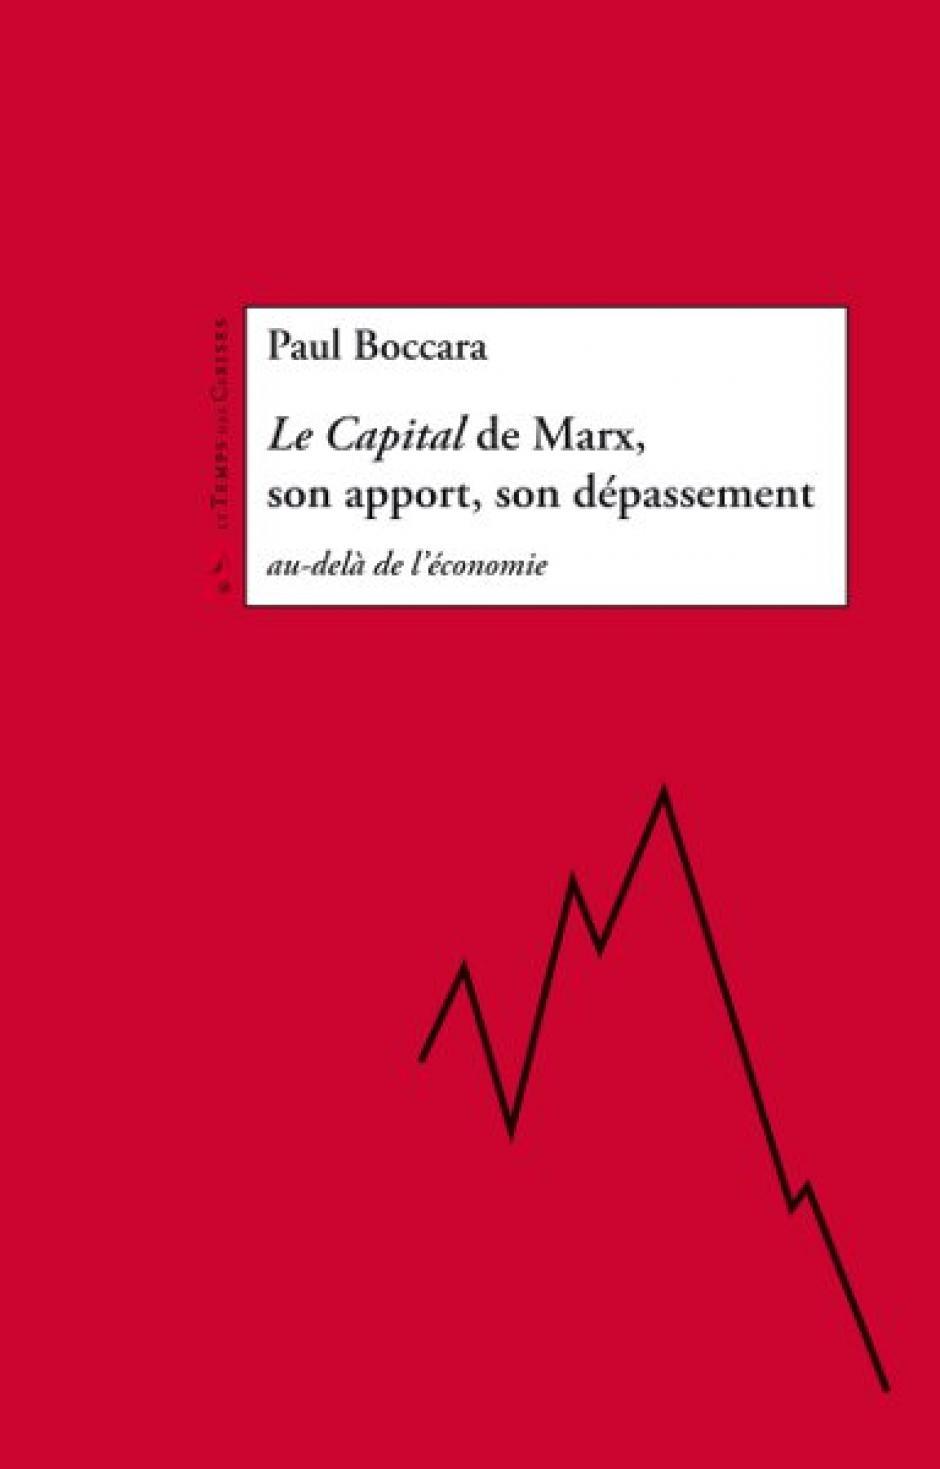 Le nouveau livre de Paul Boccara